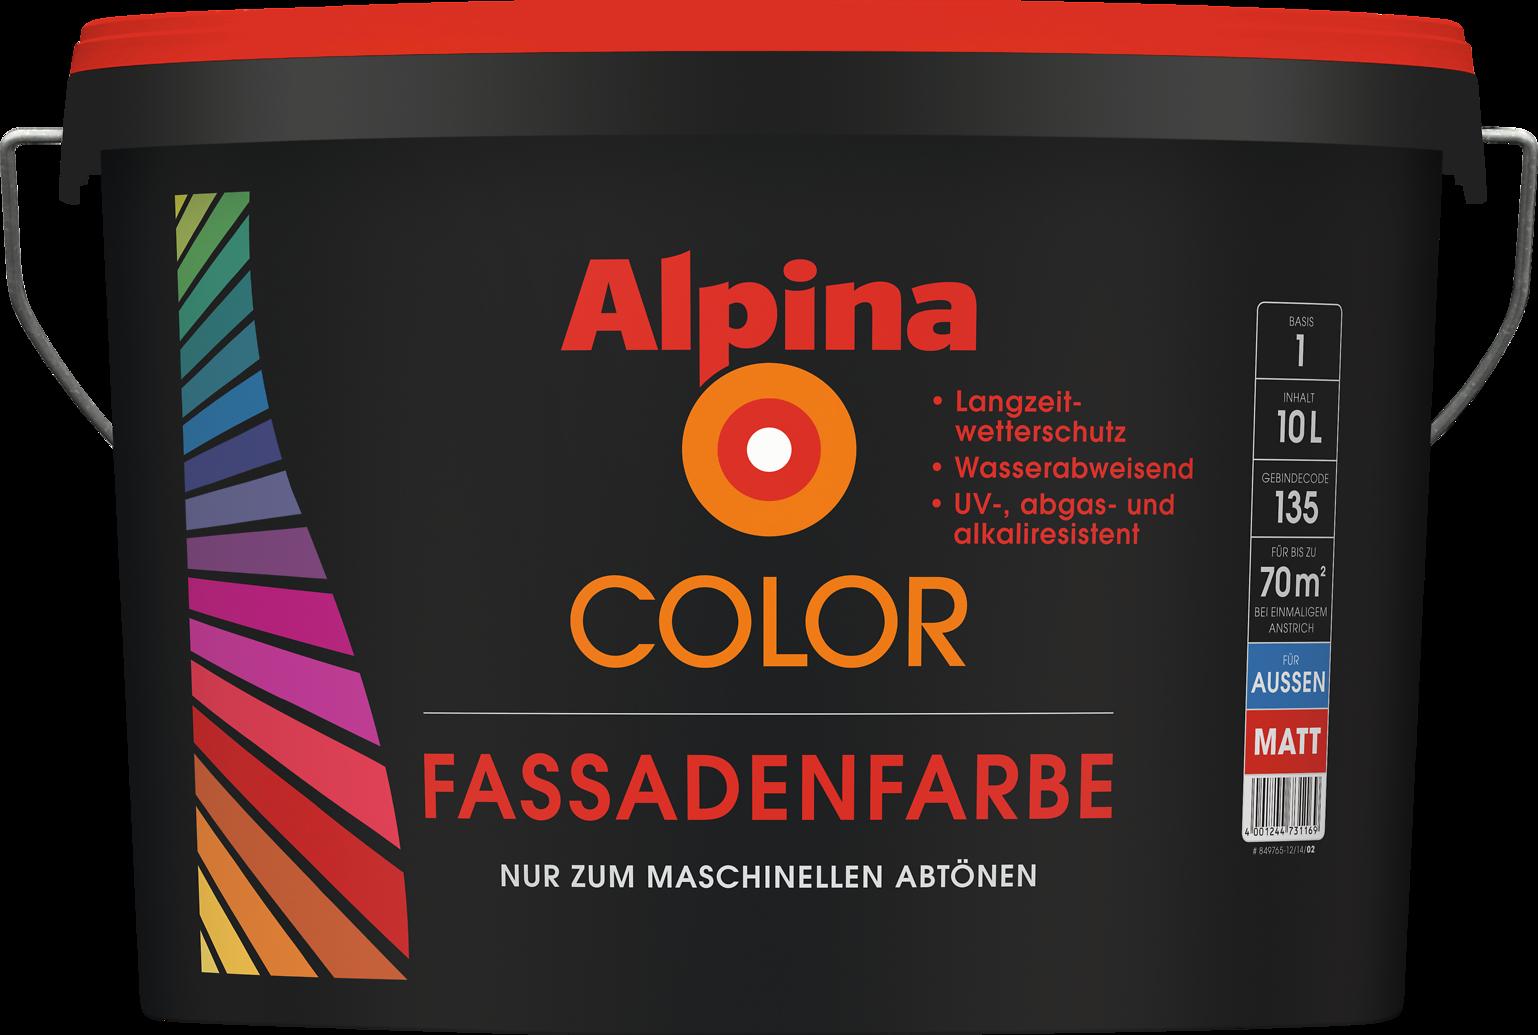 Fassadenfarben farbmuster  Haus-Farbe individuell mischen lassen: Alpina Color Fassadenfarbe ...